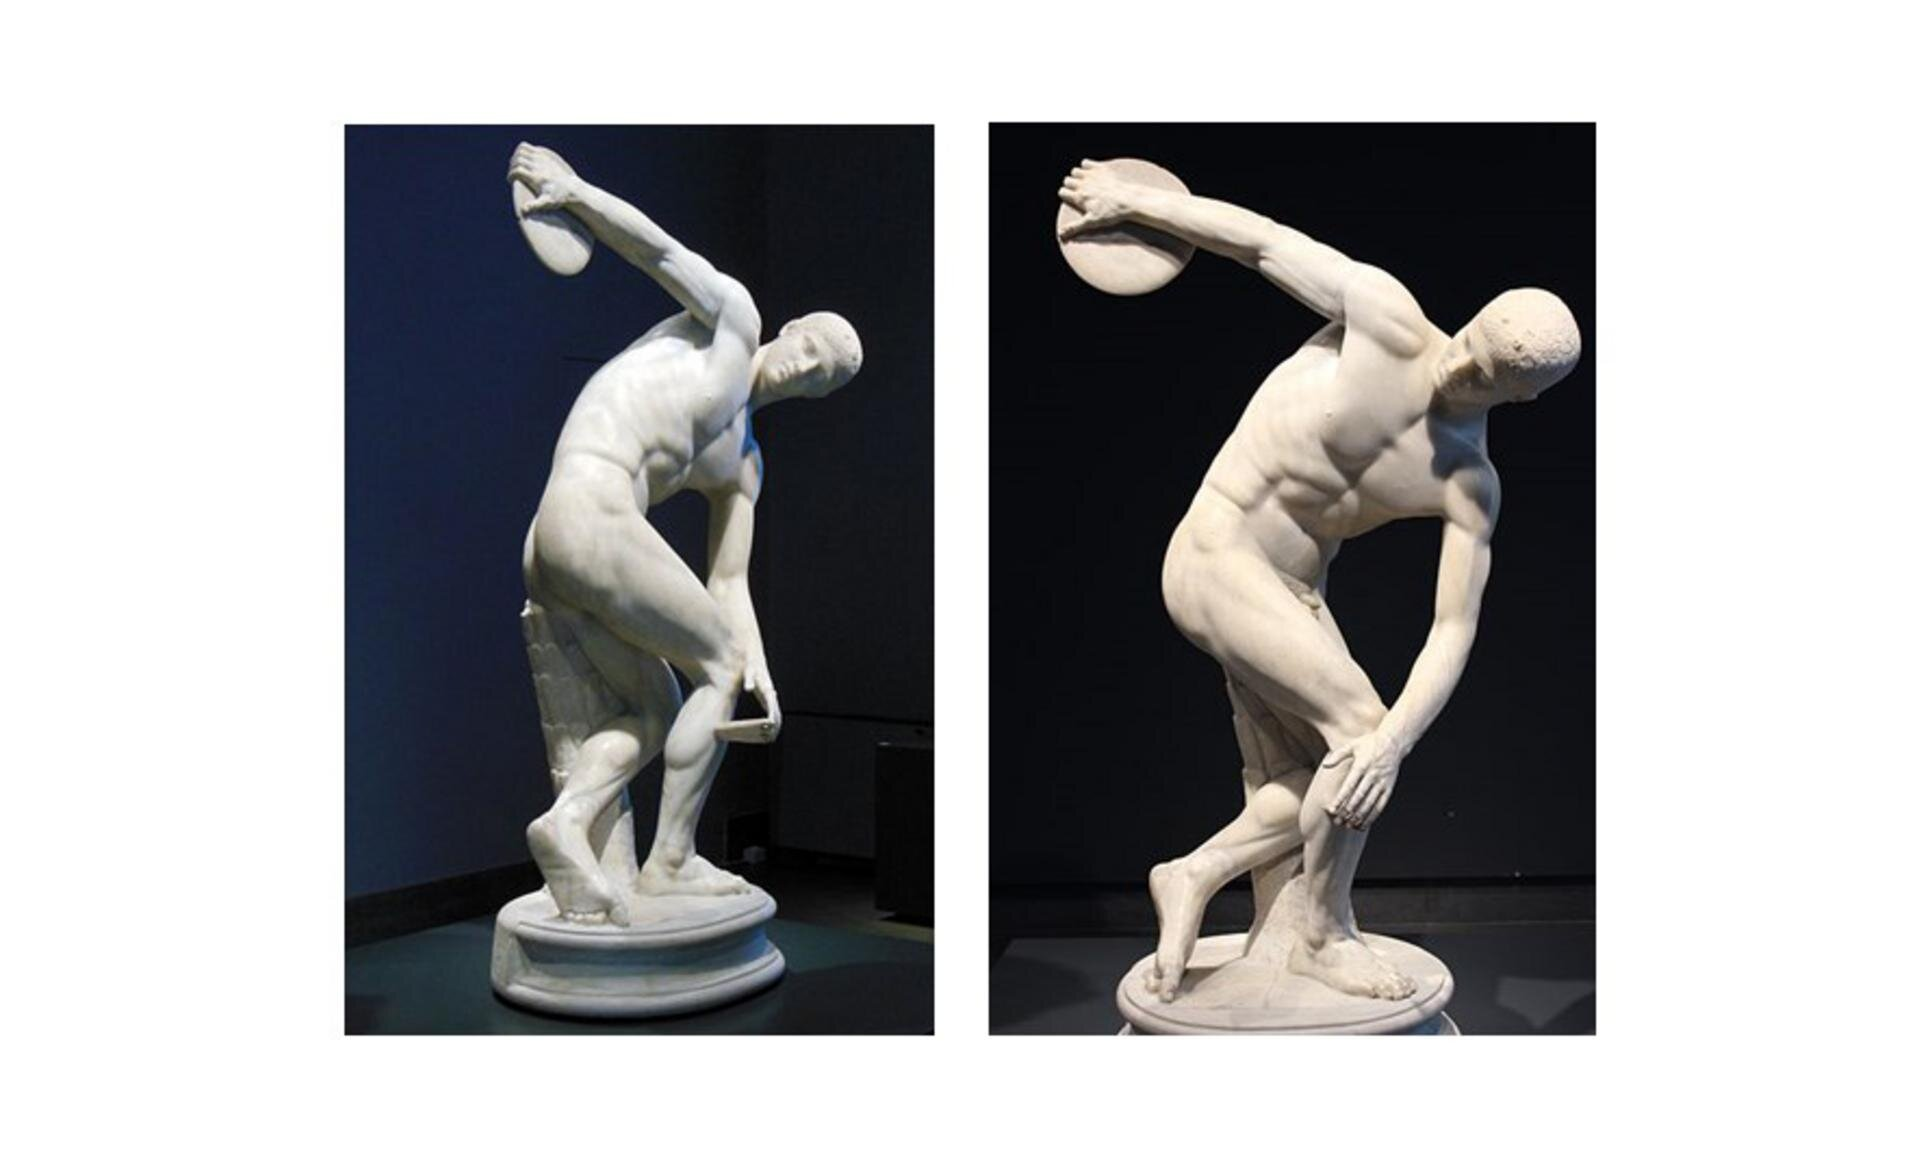 """Ilustracja przedstawia dwa ujęcia rzeźby """"Dyskobola"""", która przedstawia sportowca wmomencie rzutu dyskiem. Ramiona są ułożone wtaki sposób, że wydaje się jakby tworzyły część okręgu . Głowa pochylona jest ku przodowi, ciało pochylone, mięśnie napięte. Rzeźbę można oglądać zkilku stron, mimo że najefektowniej prezentuje się od frontu. Dyskobol to rzymska, marmurowa kopia wykonana zbrązu według oryginału Myrona ok. 450 p.n.e. Znajduje się wPalazzo Massimo alle Terme wRzymie (Włochy)."""